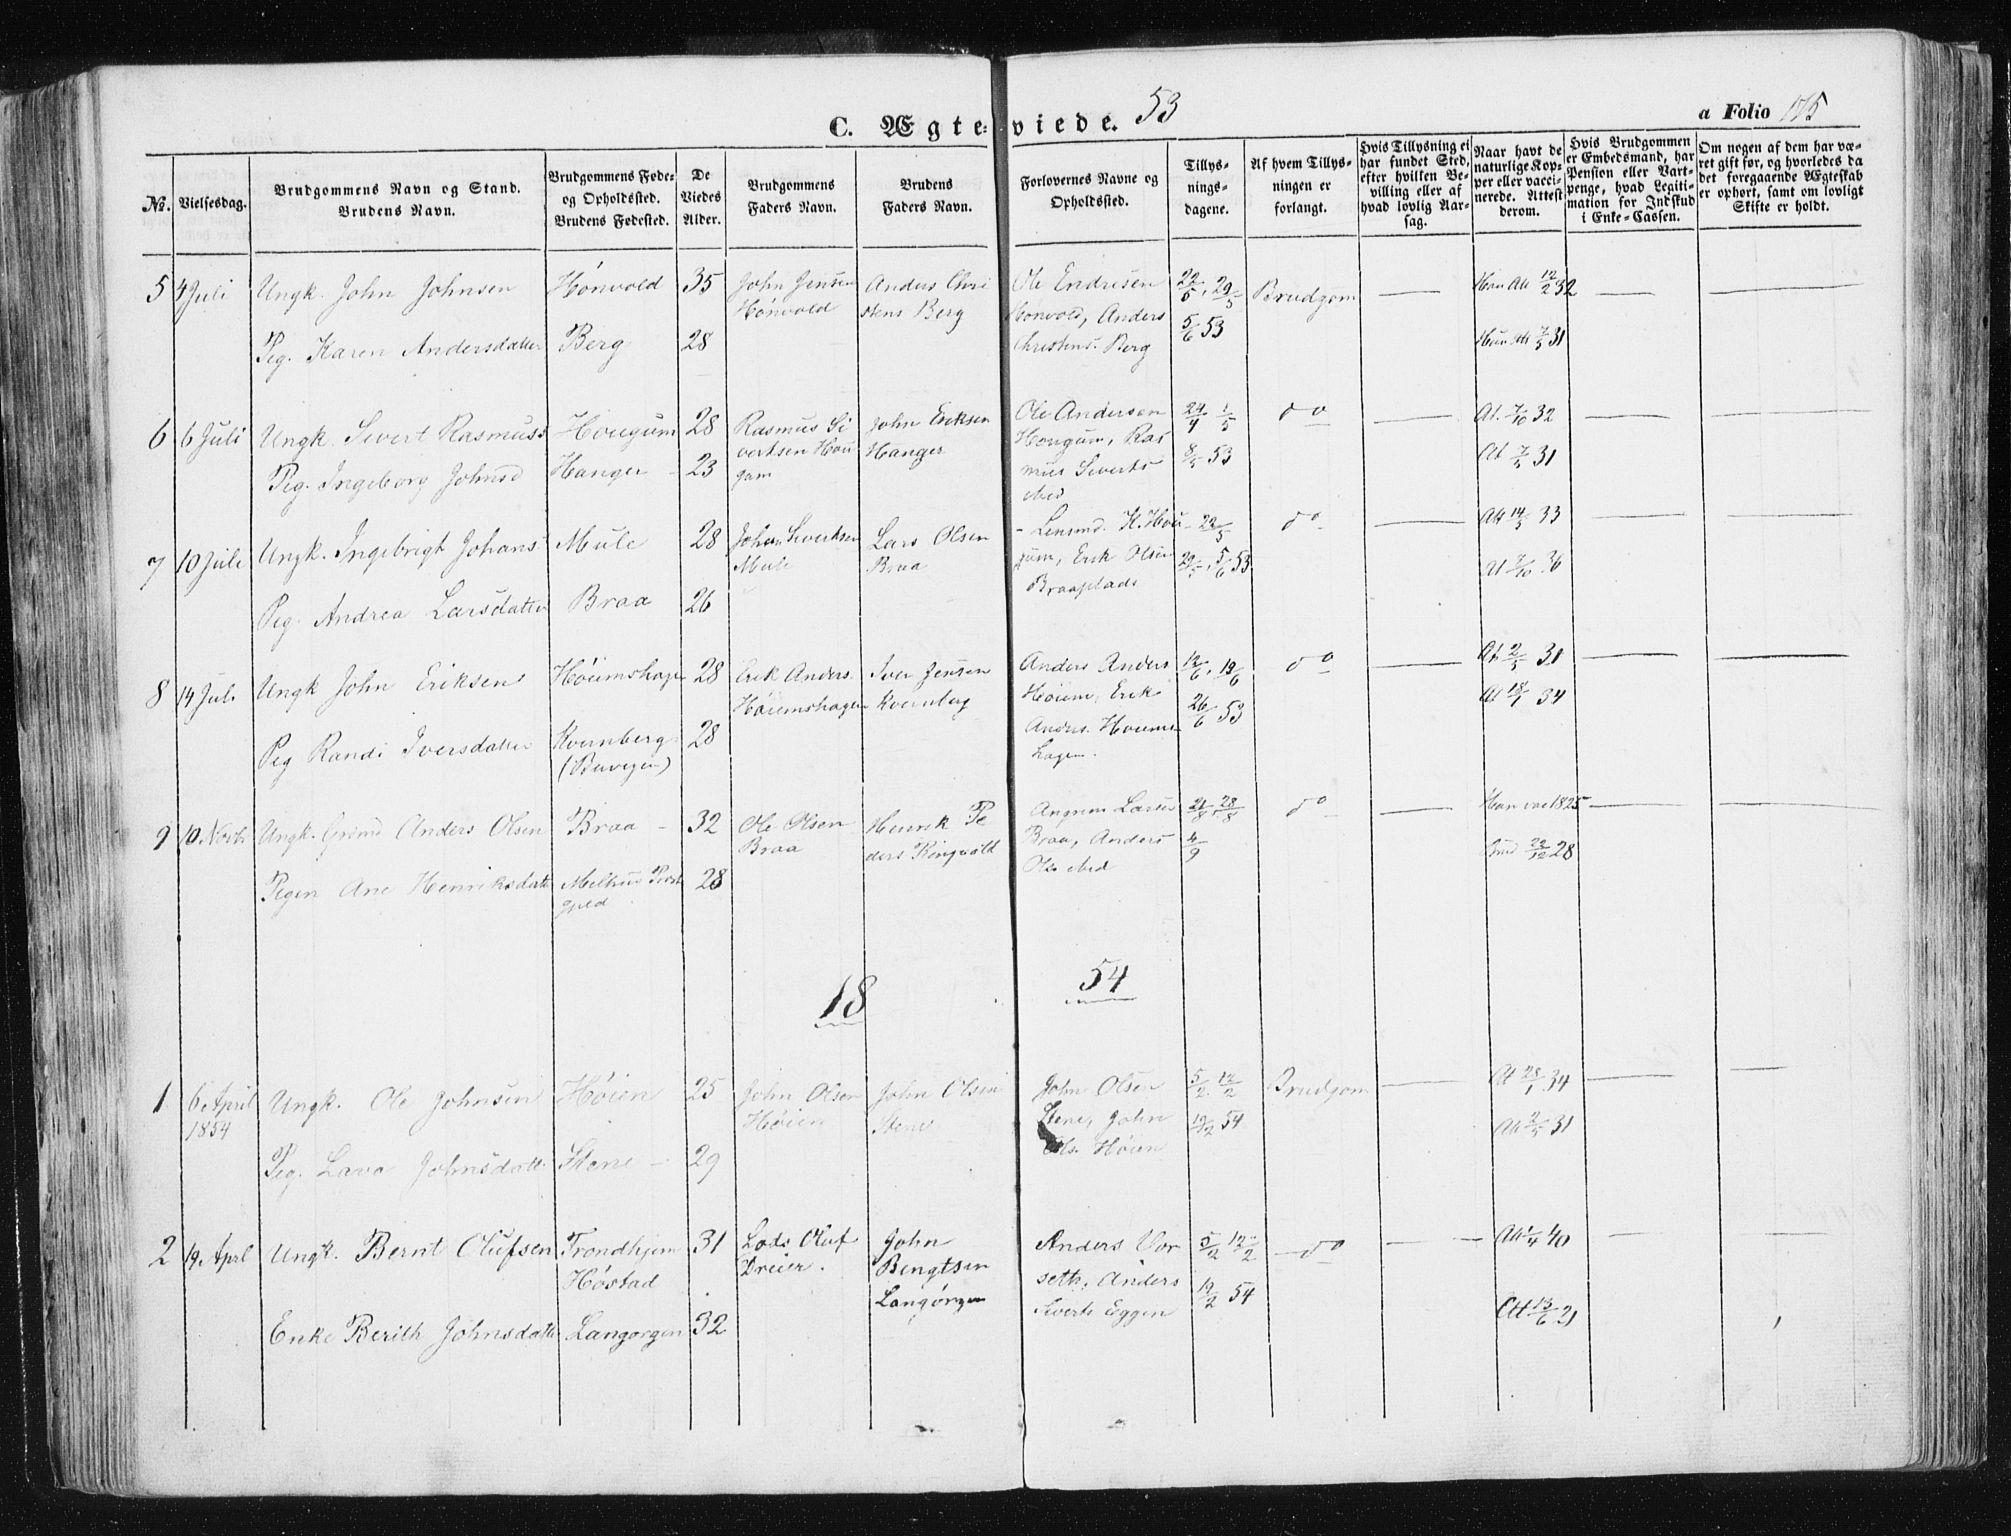 SAT, Ministerialprotokoller, klokkerbøker og fødselsregistre - Sør-Trøndelag, 612/L0376: Ministerialbok nr. 612A08, 1846-1859, s. 175